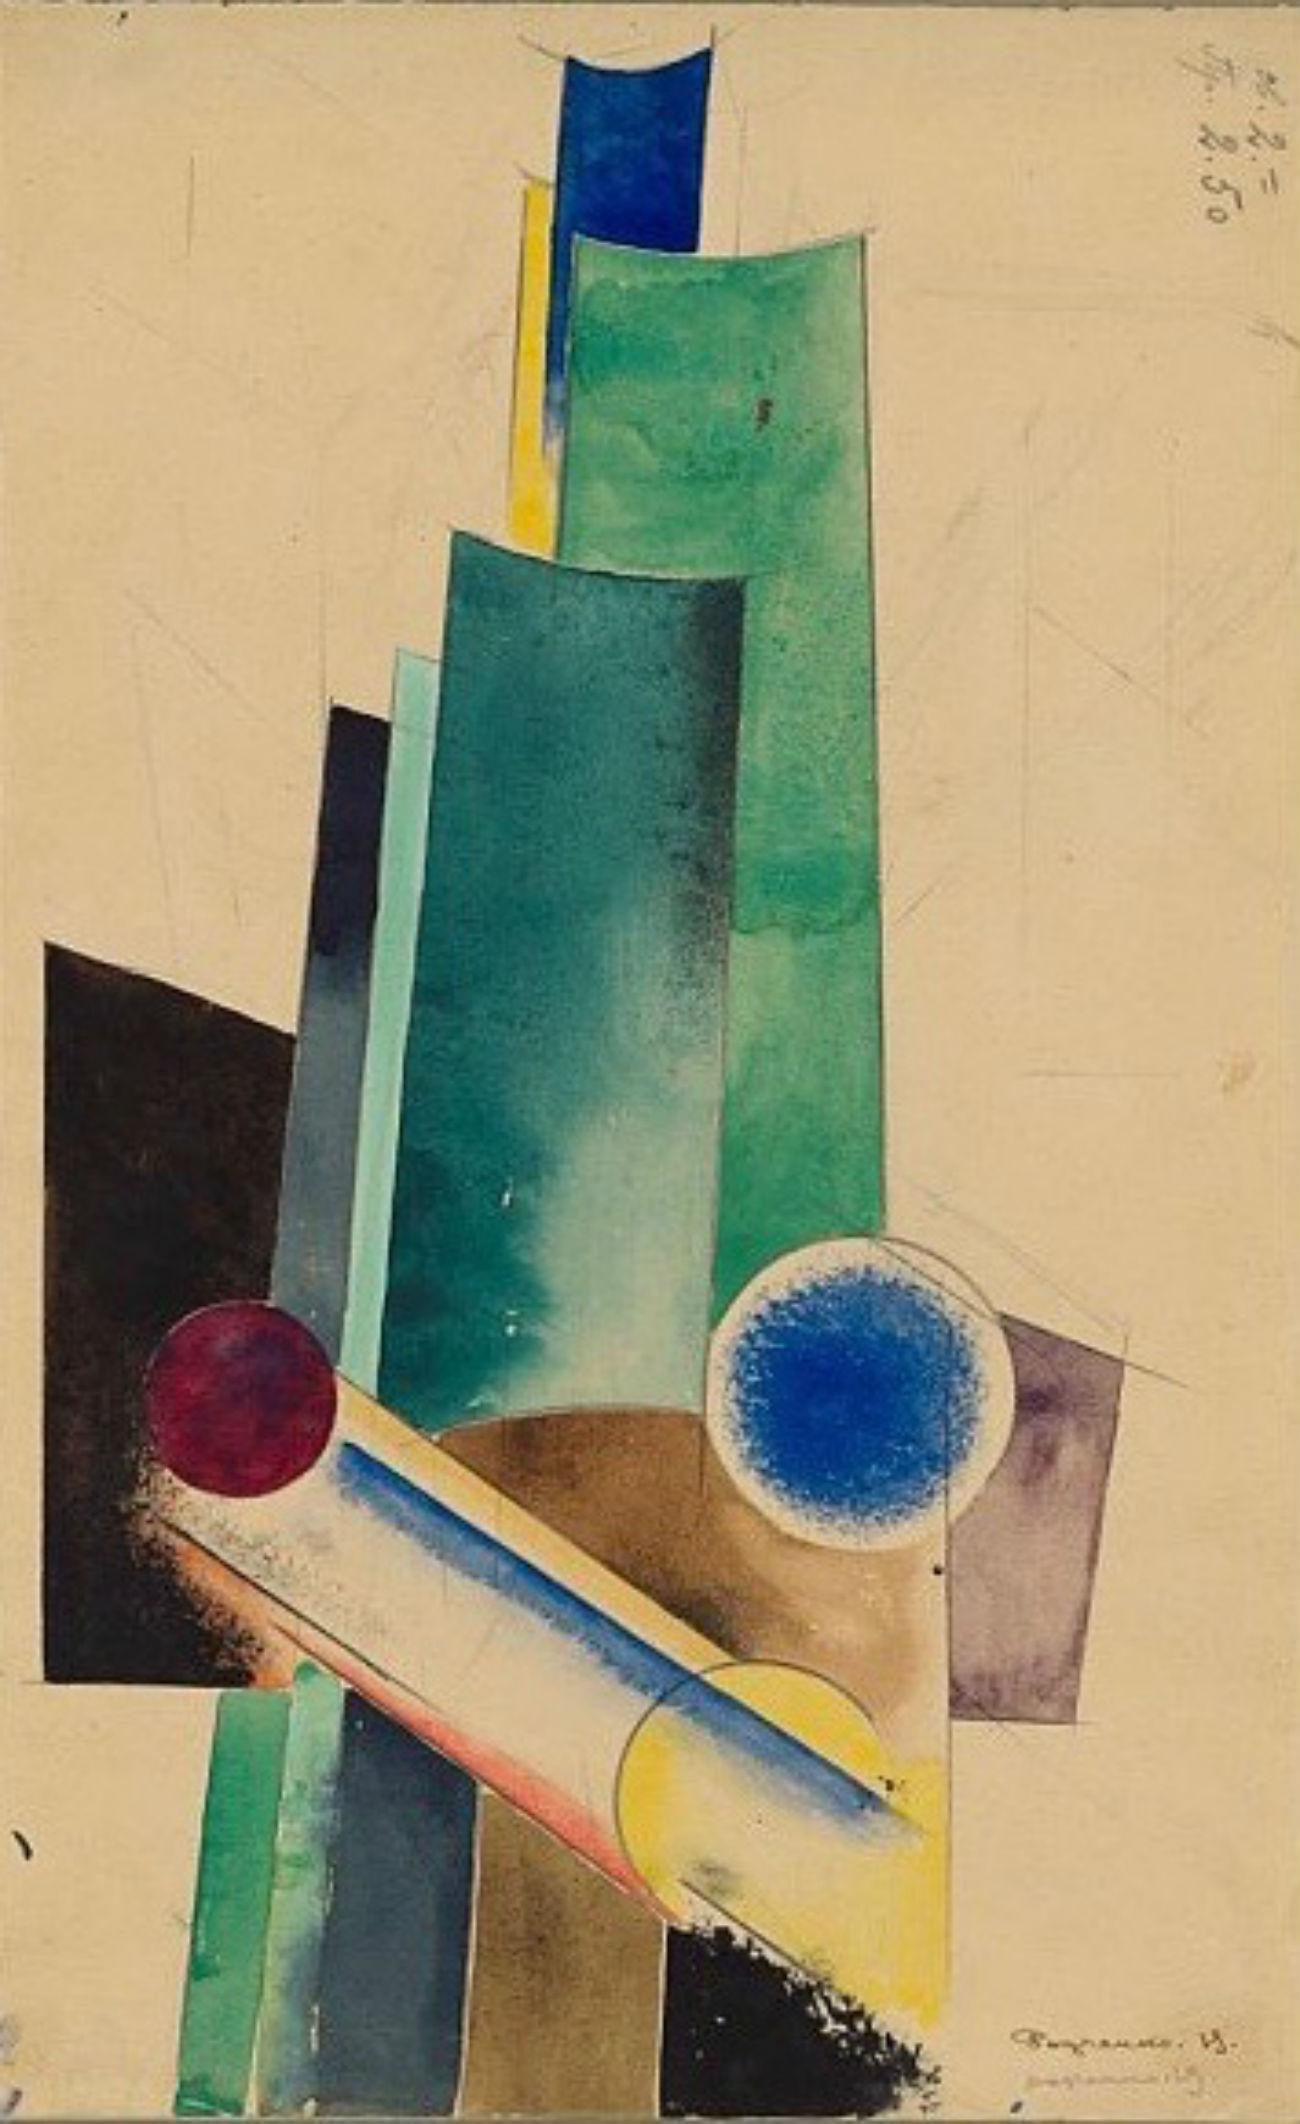 En 1919, en réponse au célèbre Carré blanc sur fond blanc de Malevitch, il réalisa une œuvre intitulée Noir sur noir. / Composition architecturale, 1919